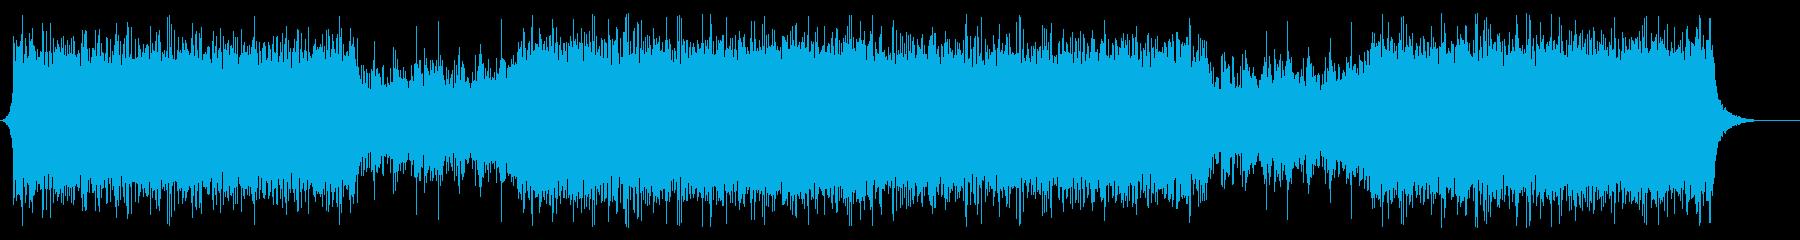 アグレッシブで疾走感のあるアクション音楽の再生済みの波形